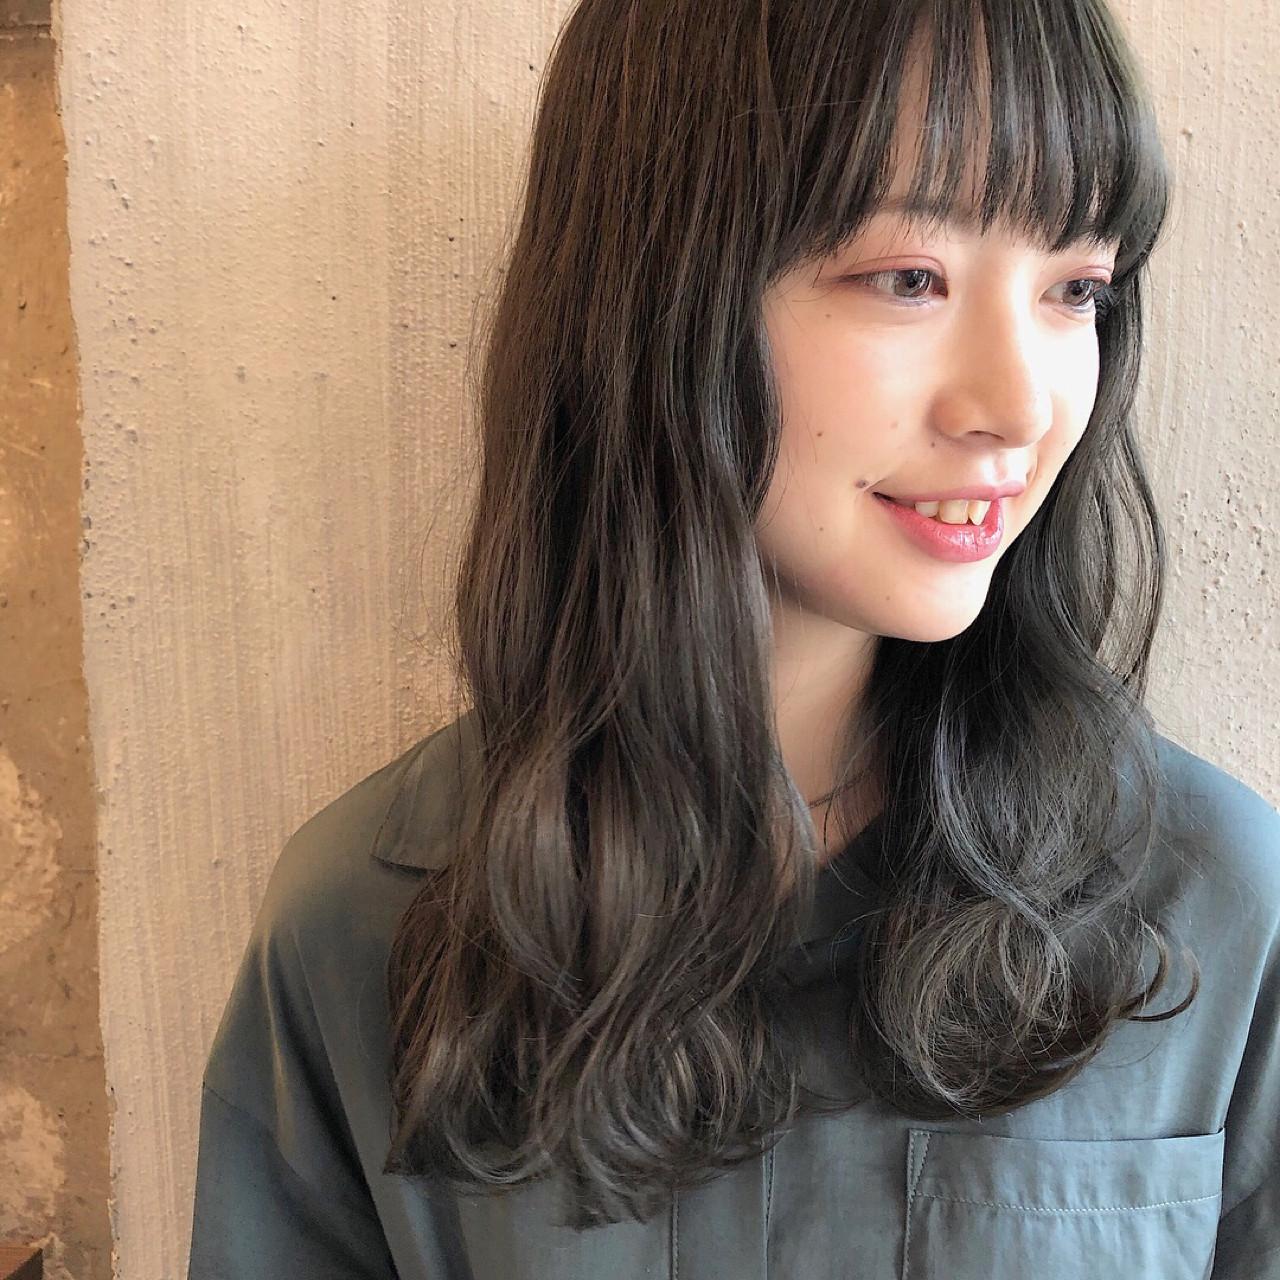 春カラーの髪ならブルージュがおすすめ! 冨永 真太郎 | 間貸り美容師